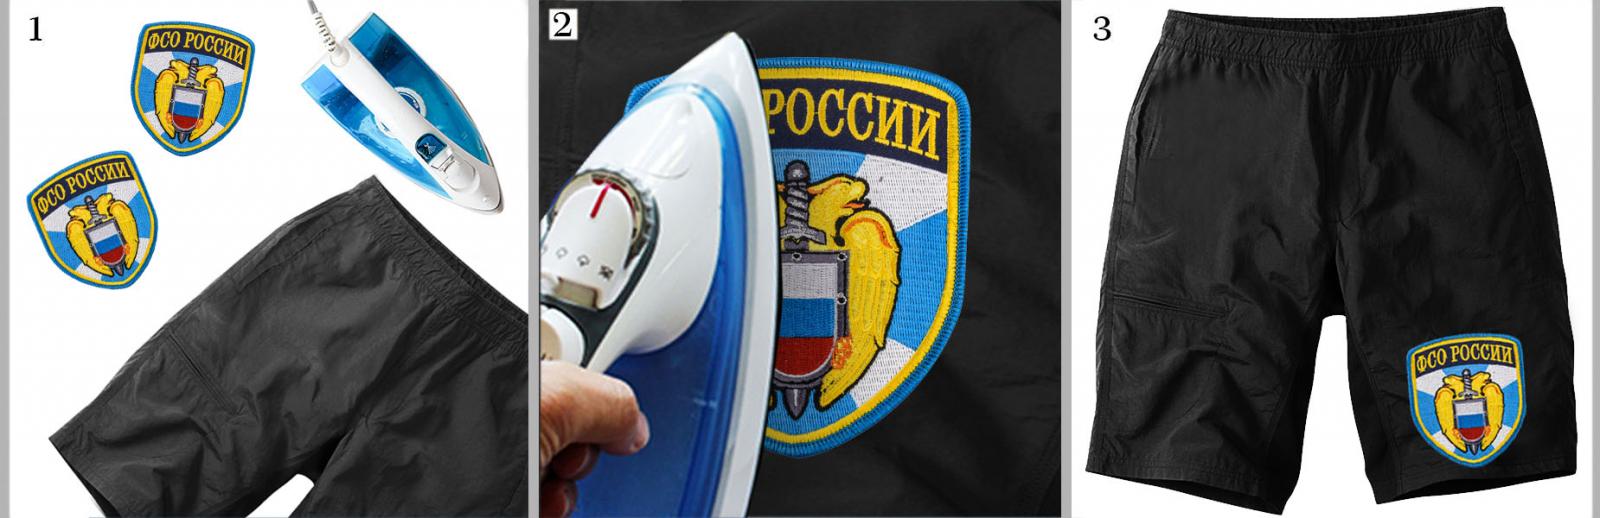 Термошеврон ФСО России на шортах